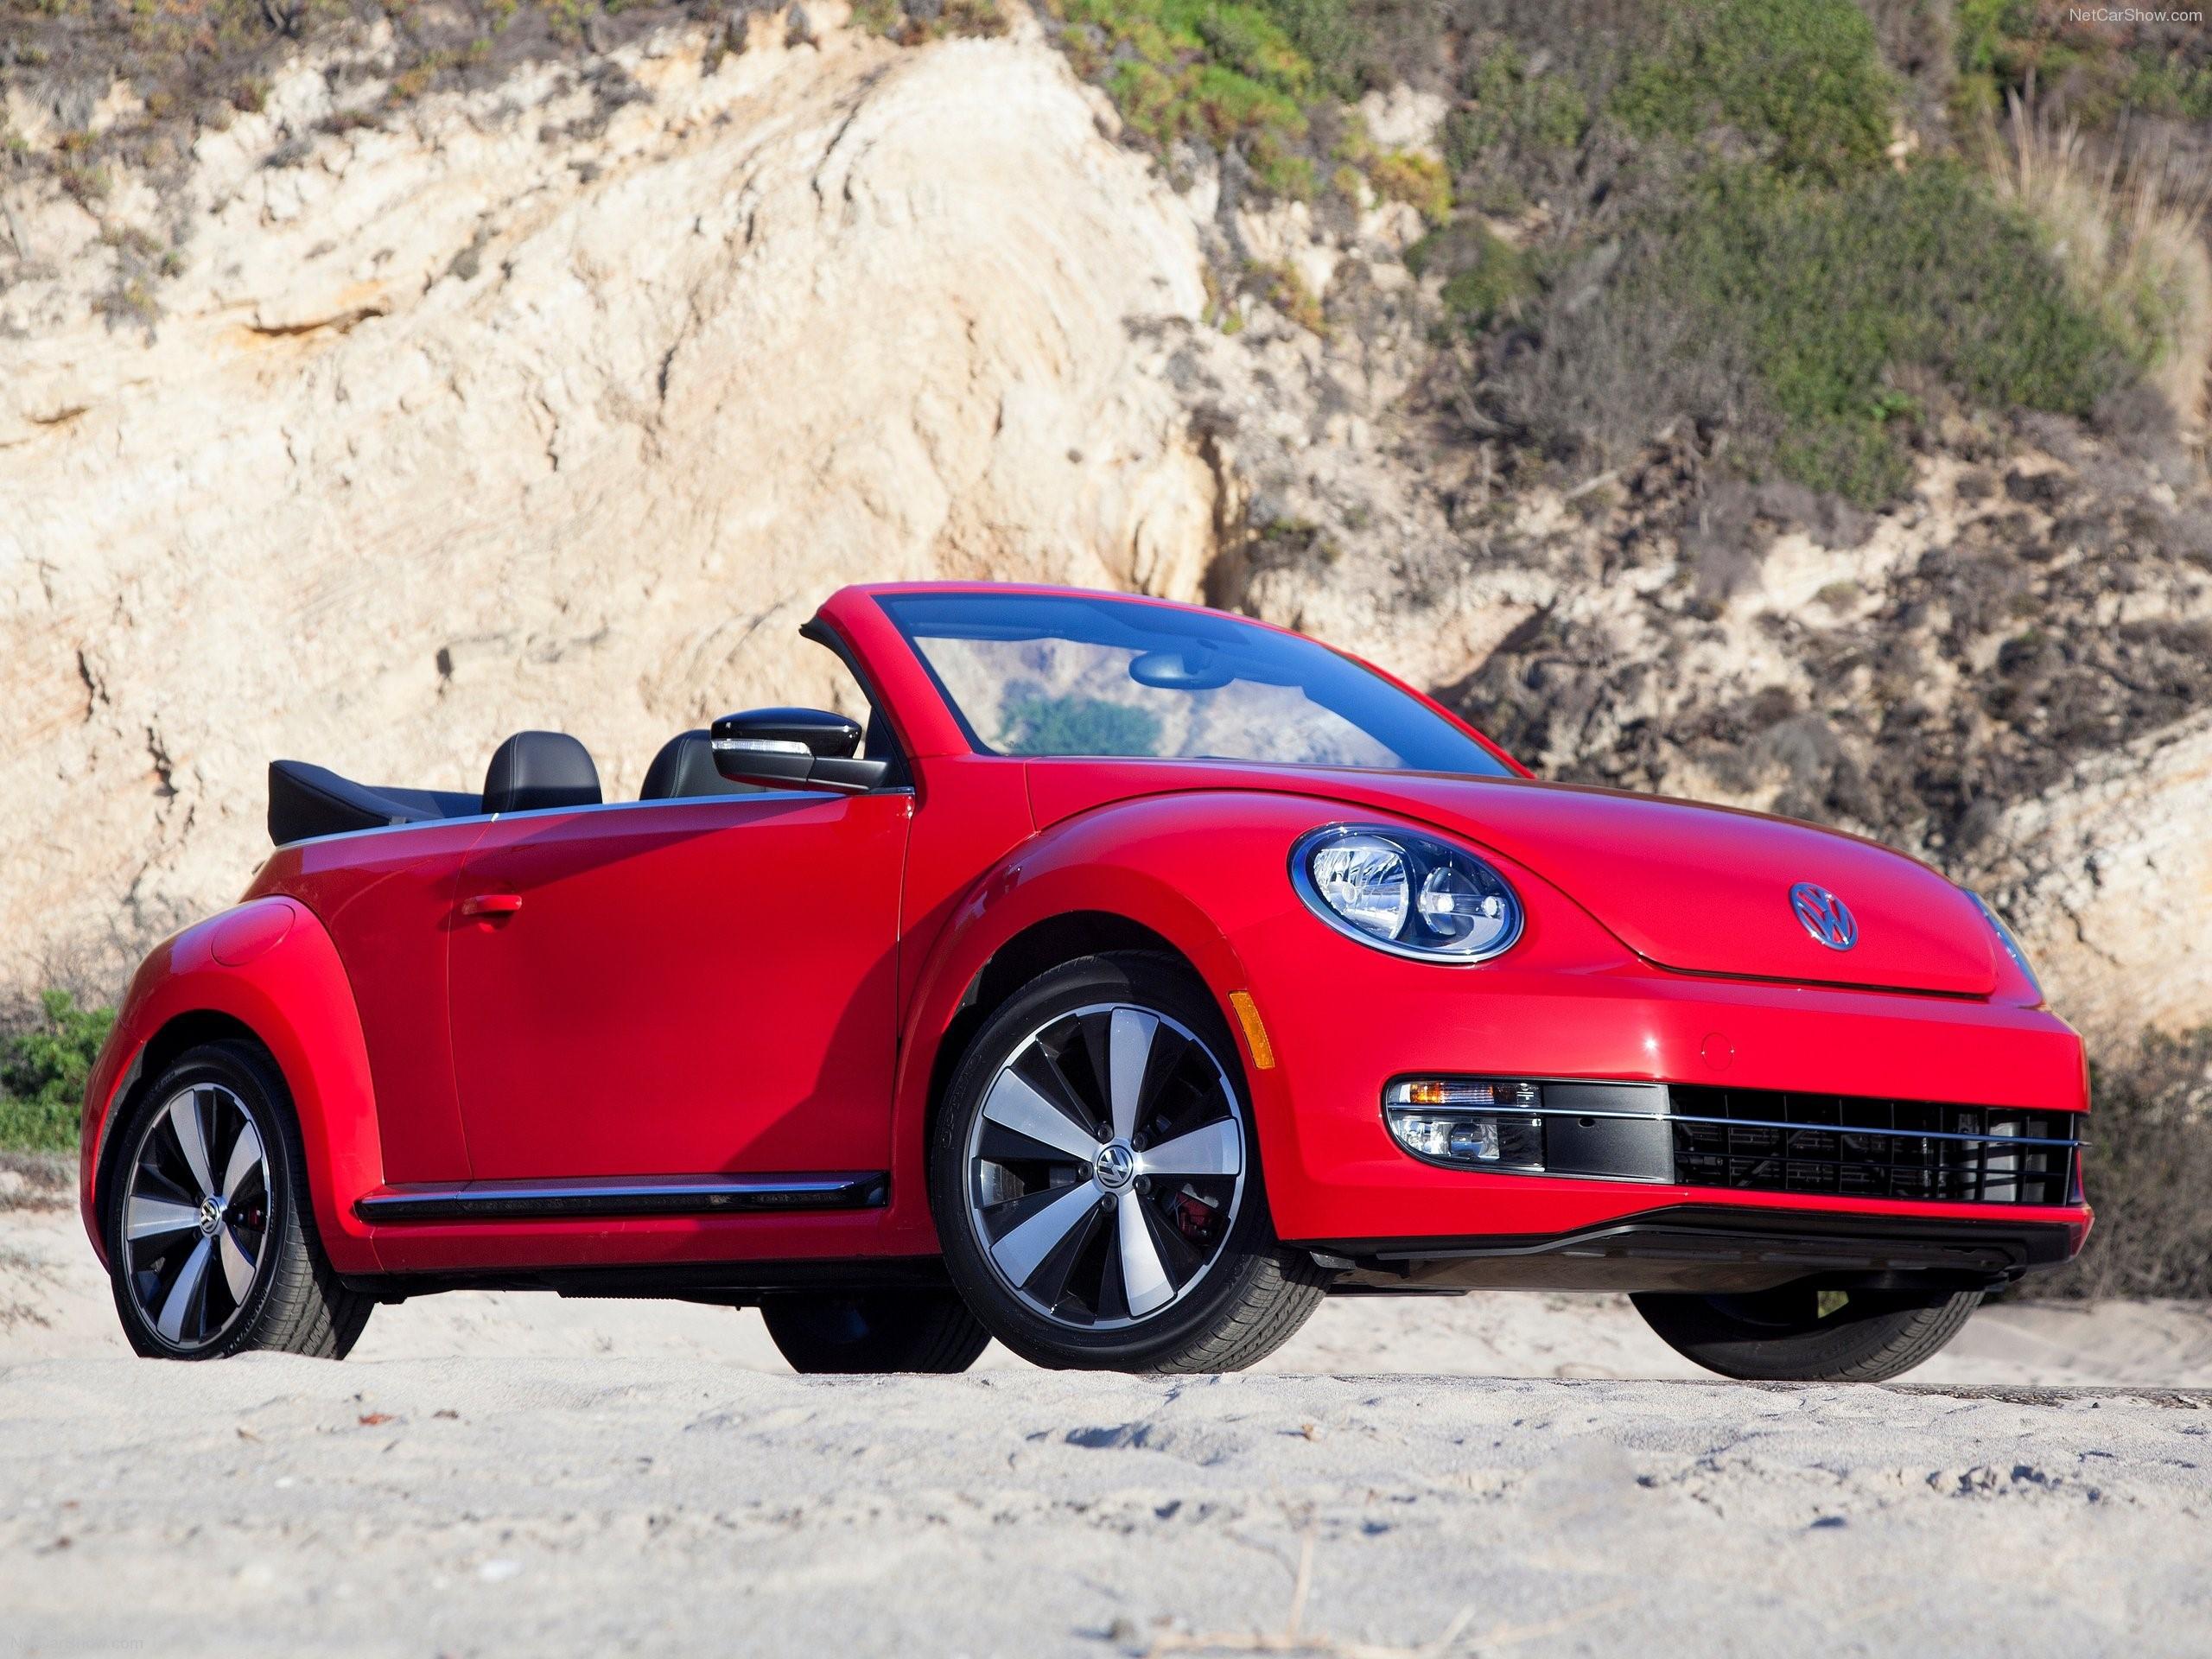 Volkswagen Beetle Laptop Wallpapers